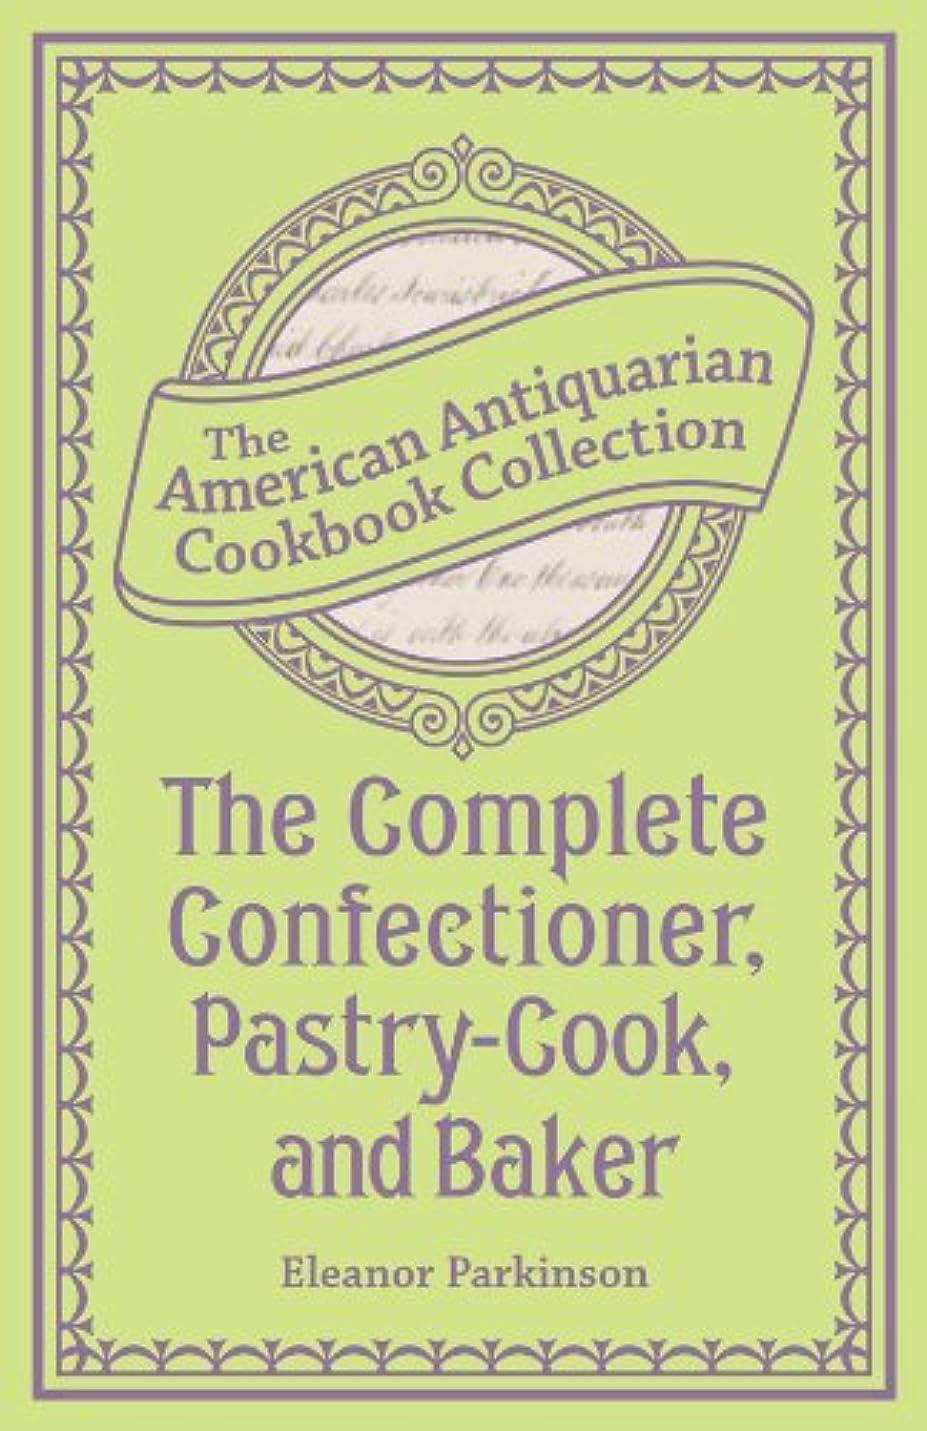 いじめっ子内訳検出可能The Complete Confectioner, Pastry-Cook, and Baker: Plain and Practical Directions for Making Confectionary and Pastry and for Baking (American Antiquarian Cookbook Collection) (English Edition)